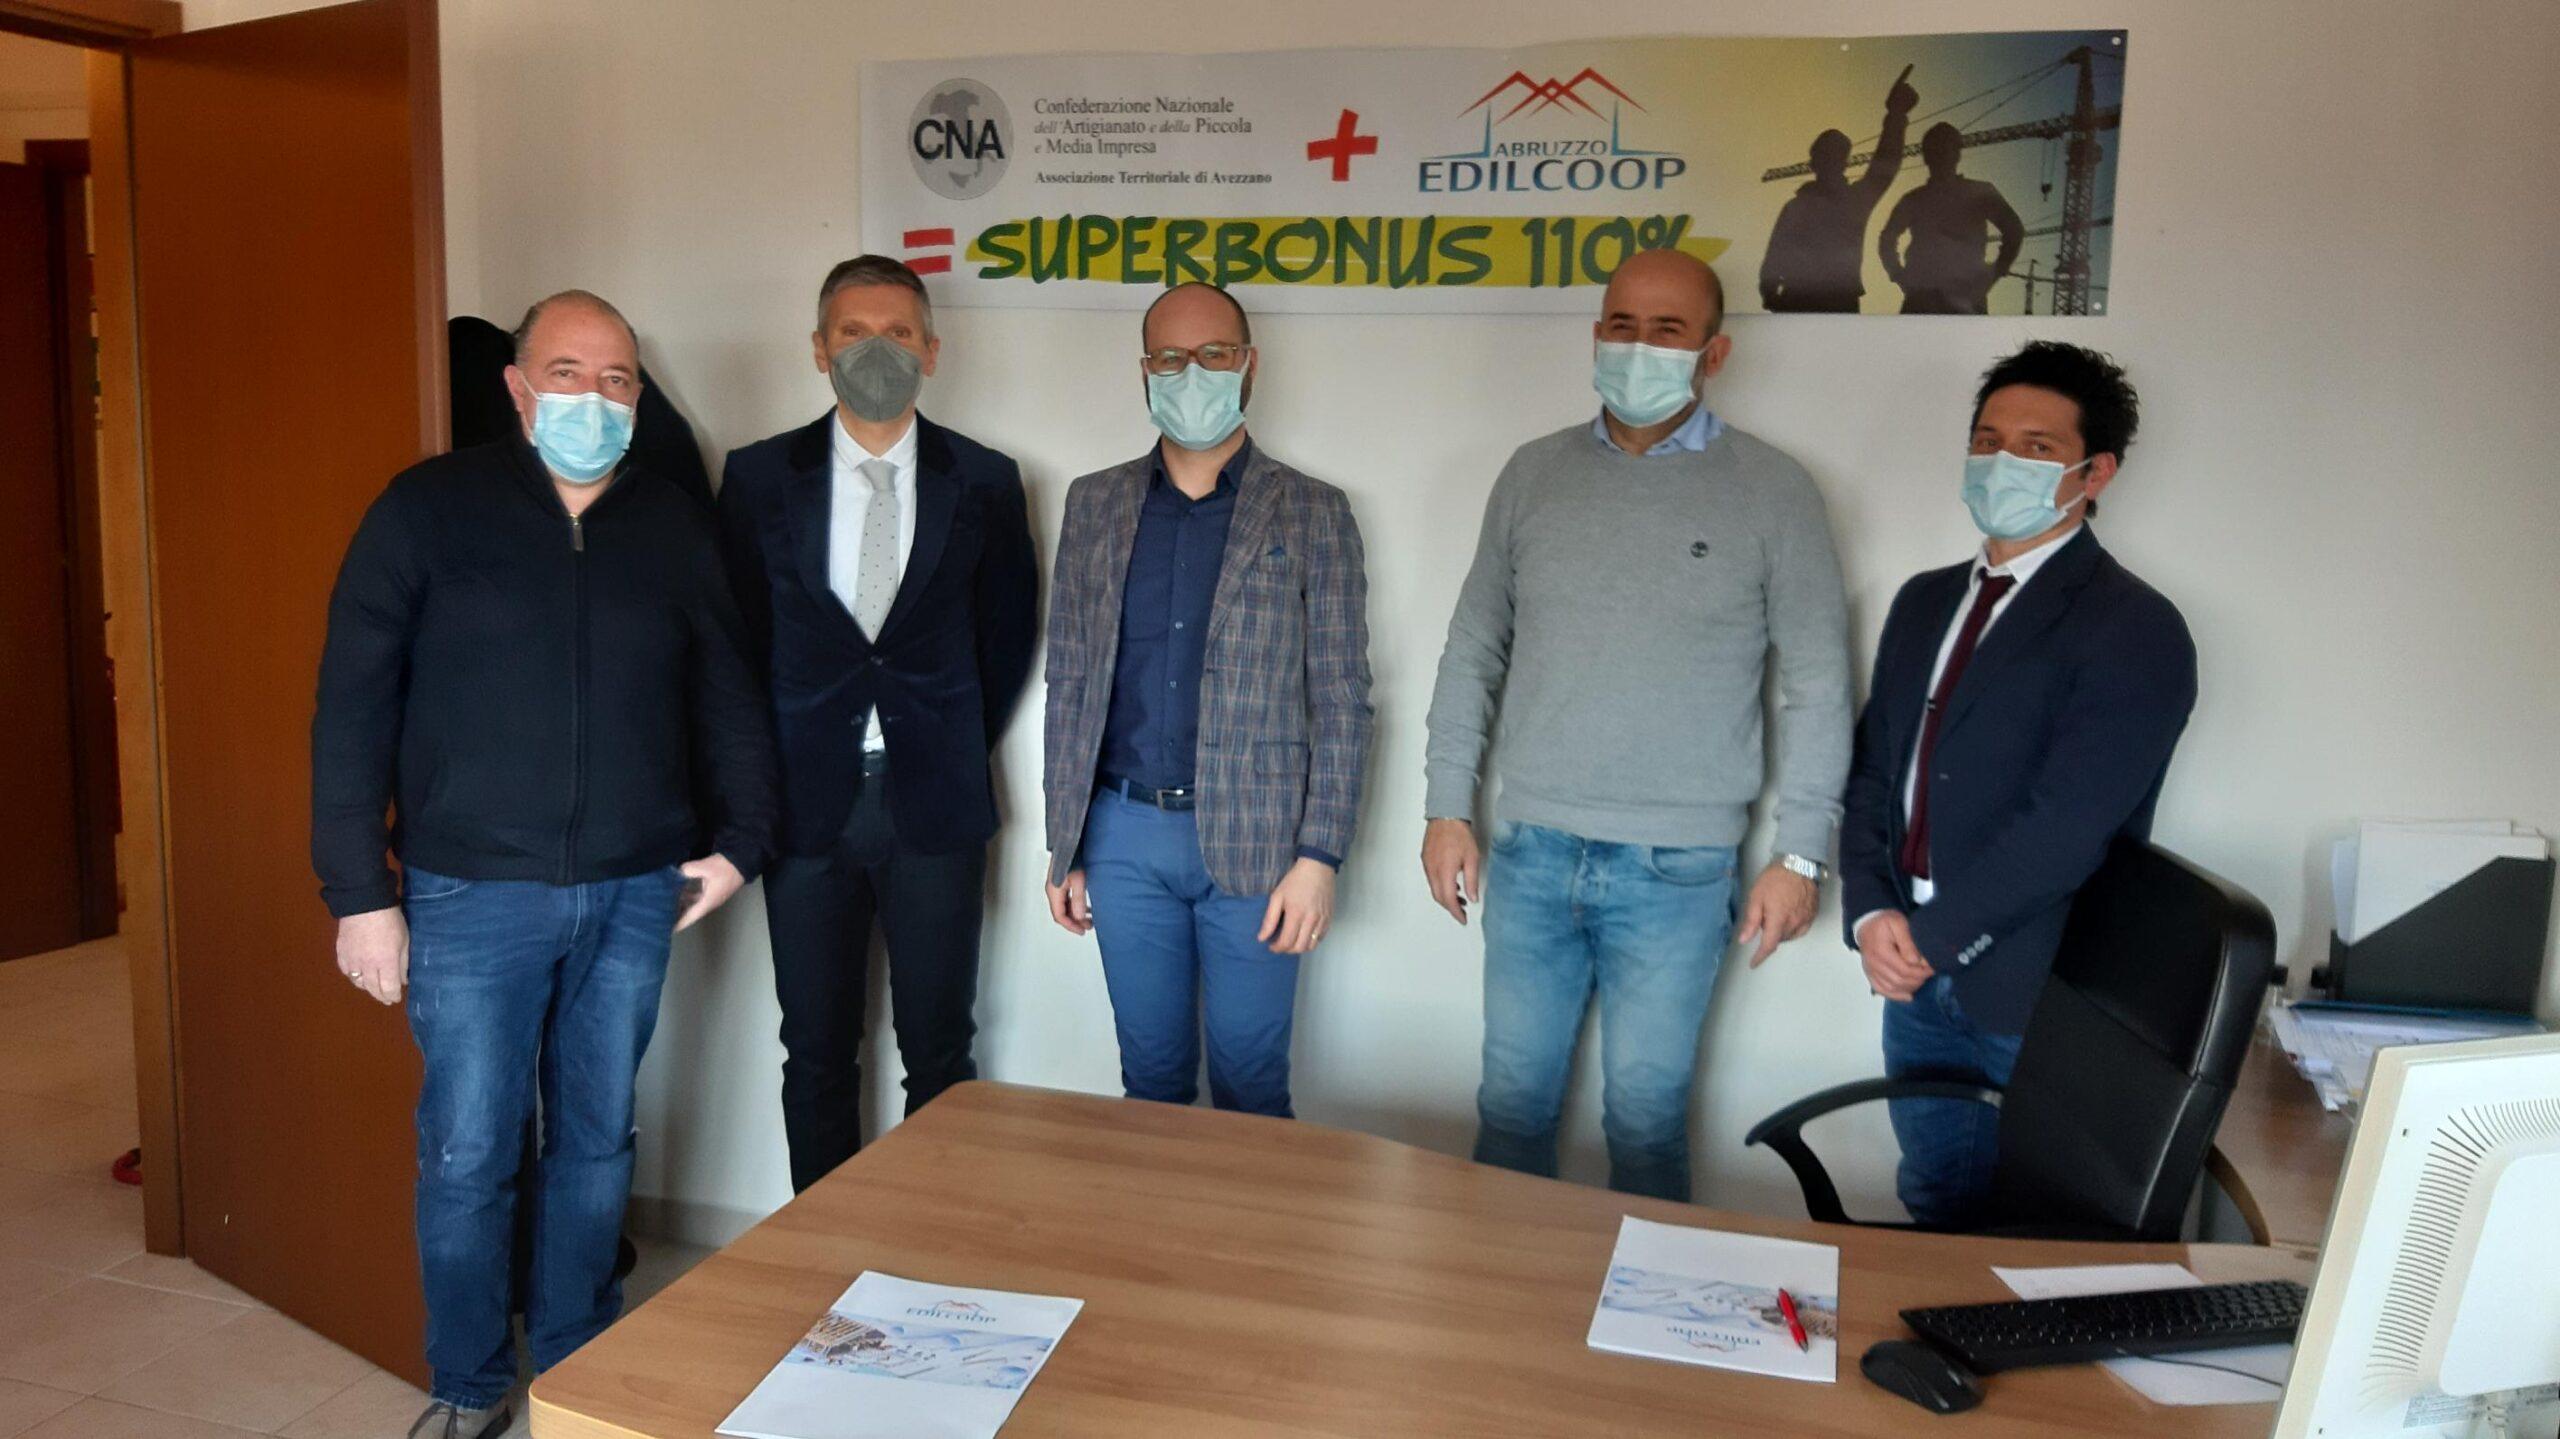 CNA Avezzano: siglato l'accordo con il Comune di Collarmele per il superbonus 110%